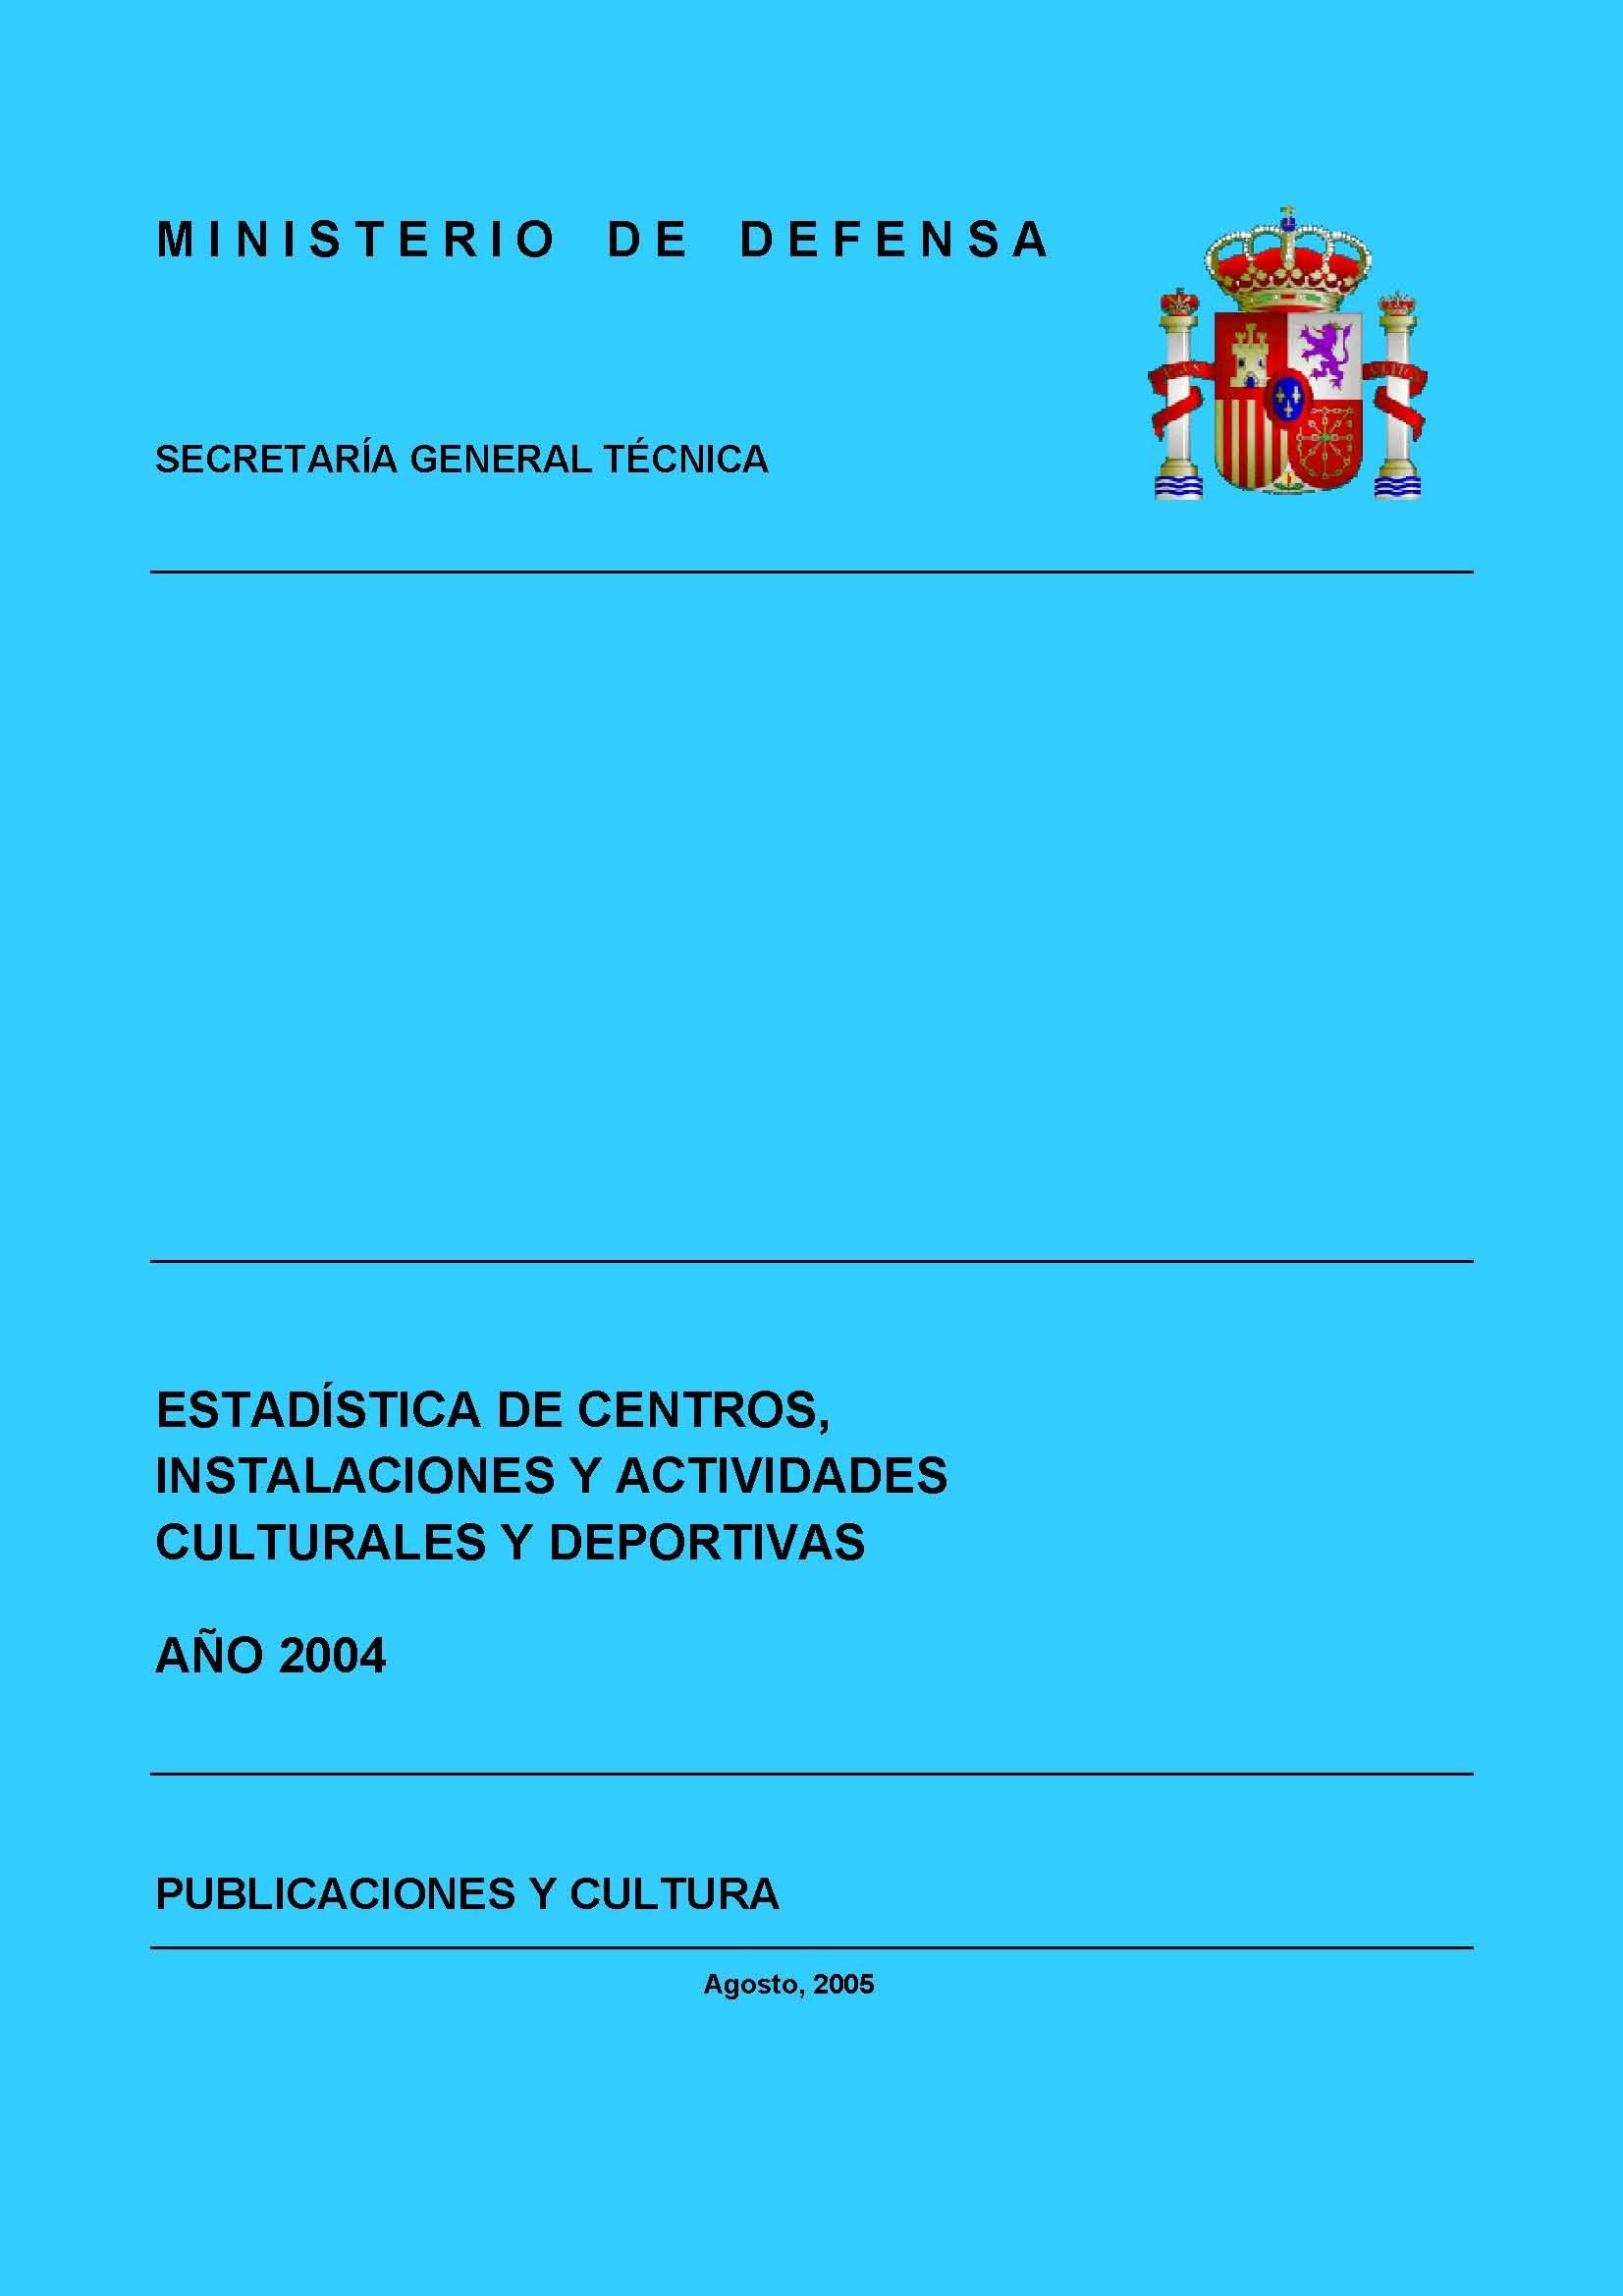 ESTADÍSTICA DE CENTROS, INSTALACIONES Y ACTIVIDADES CULTURALES Y DEPORTIVAS 2004